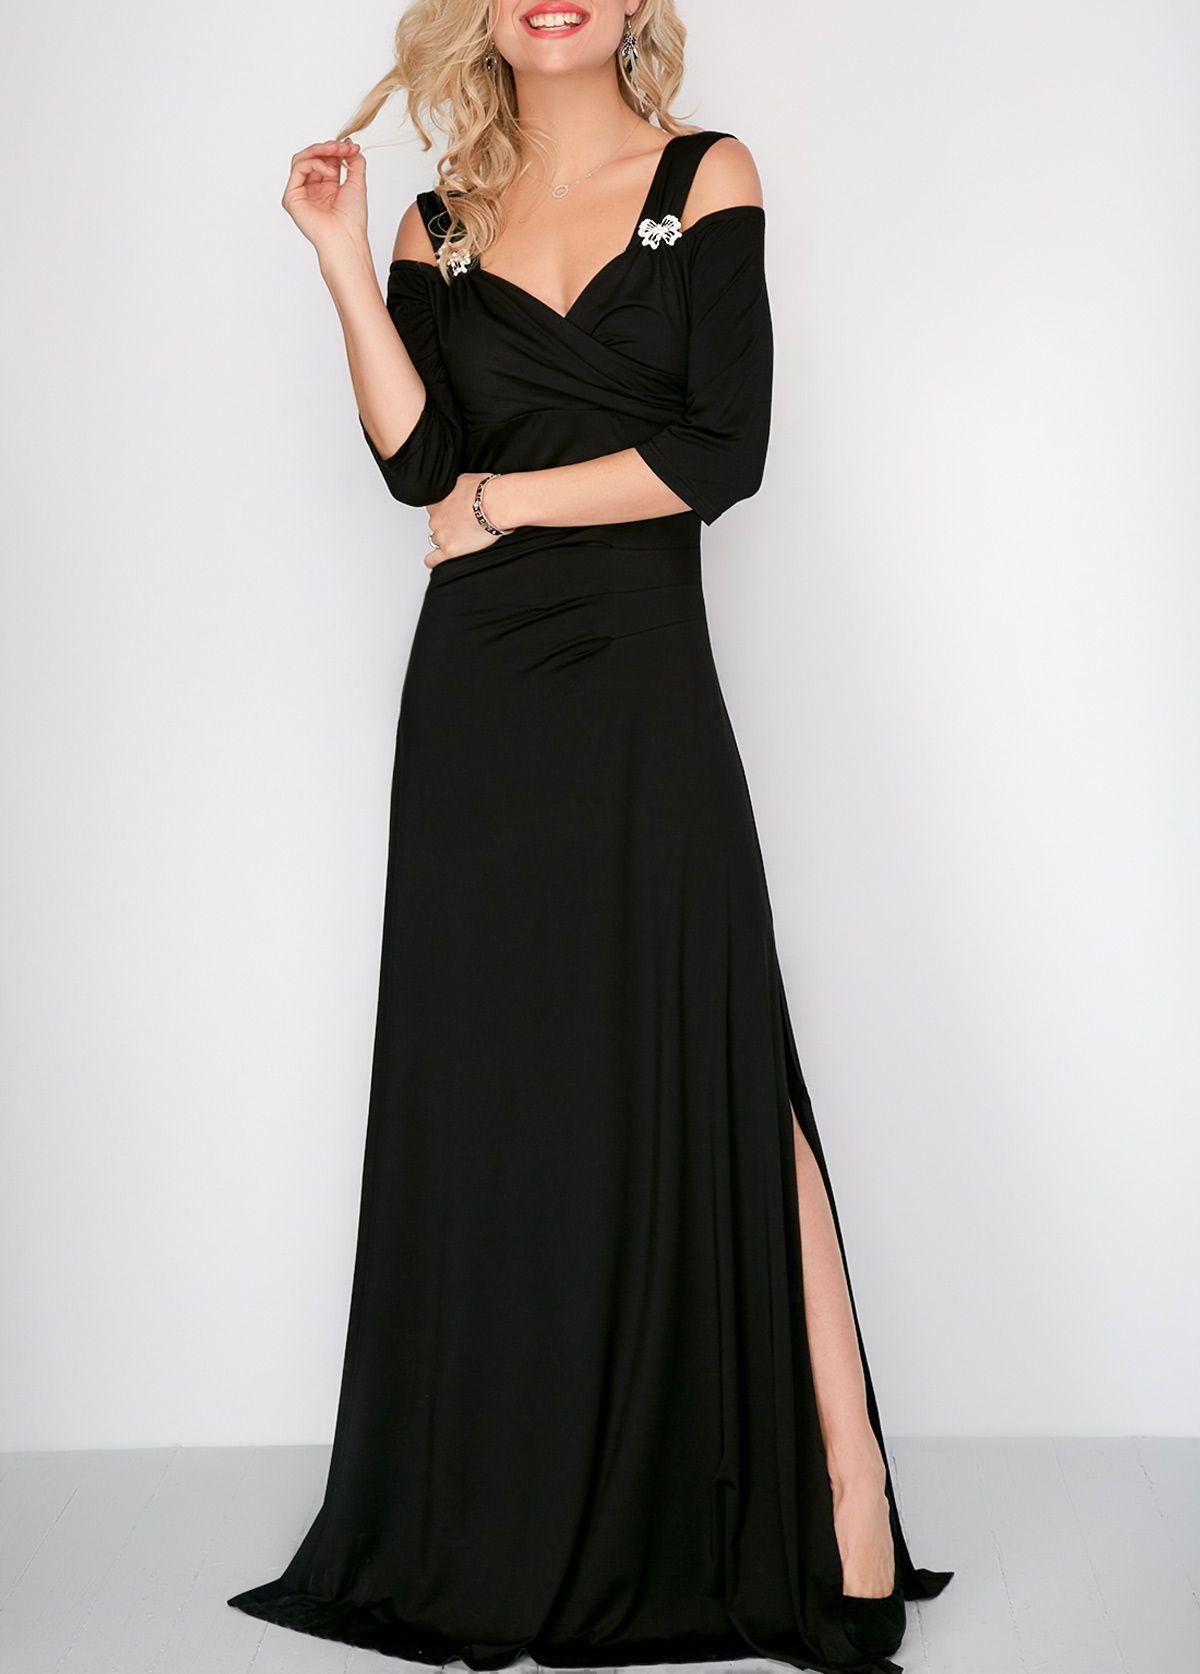 63f1d933f92f6 Wedding Guest Attire | Three Quarter Sleeve Cold Shoulder Maxi Dress ...